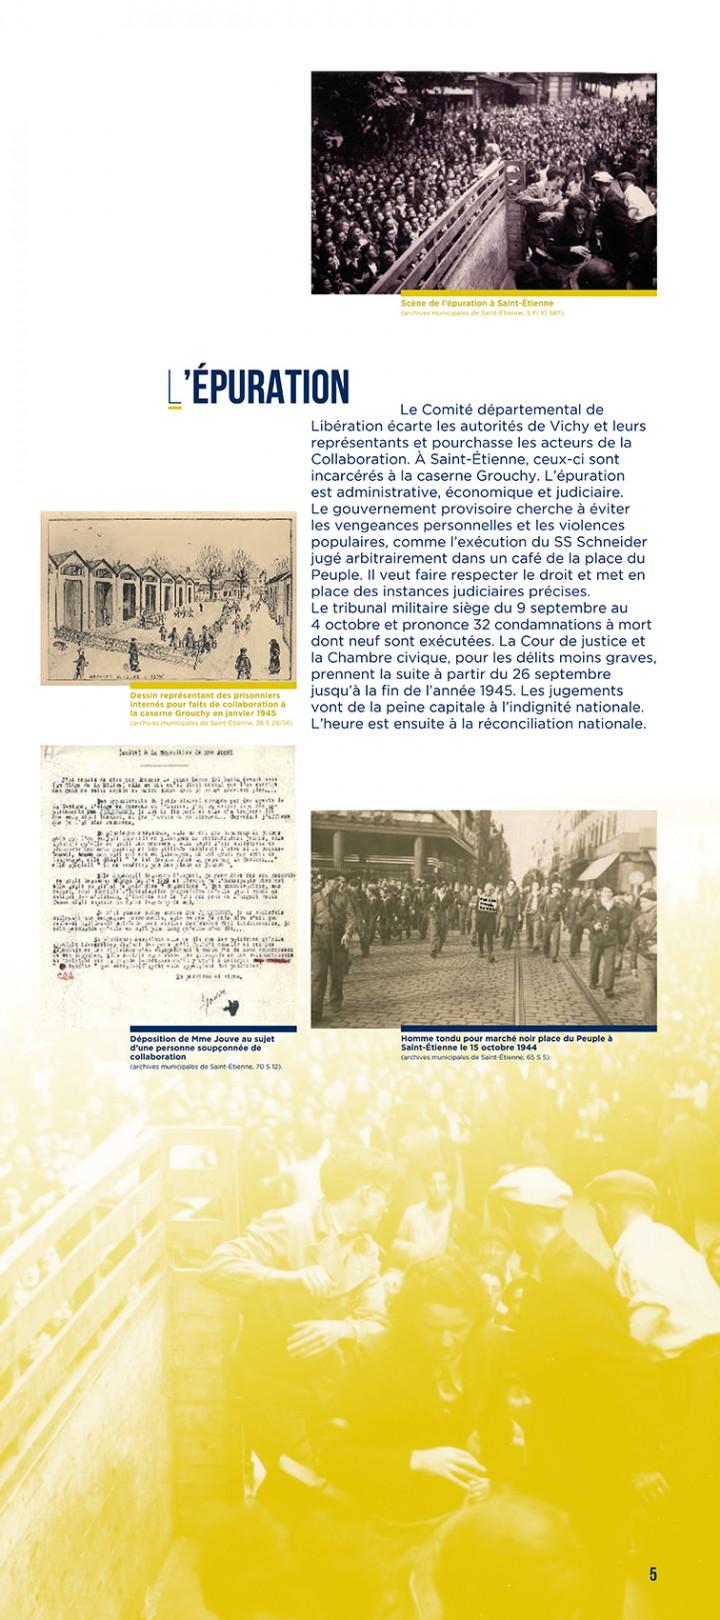 Exposition 8 Mai 1945